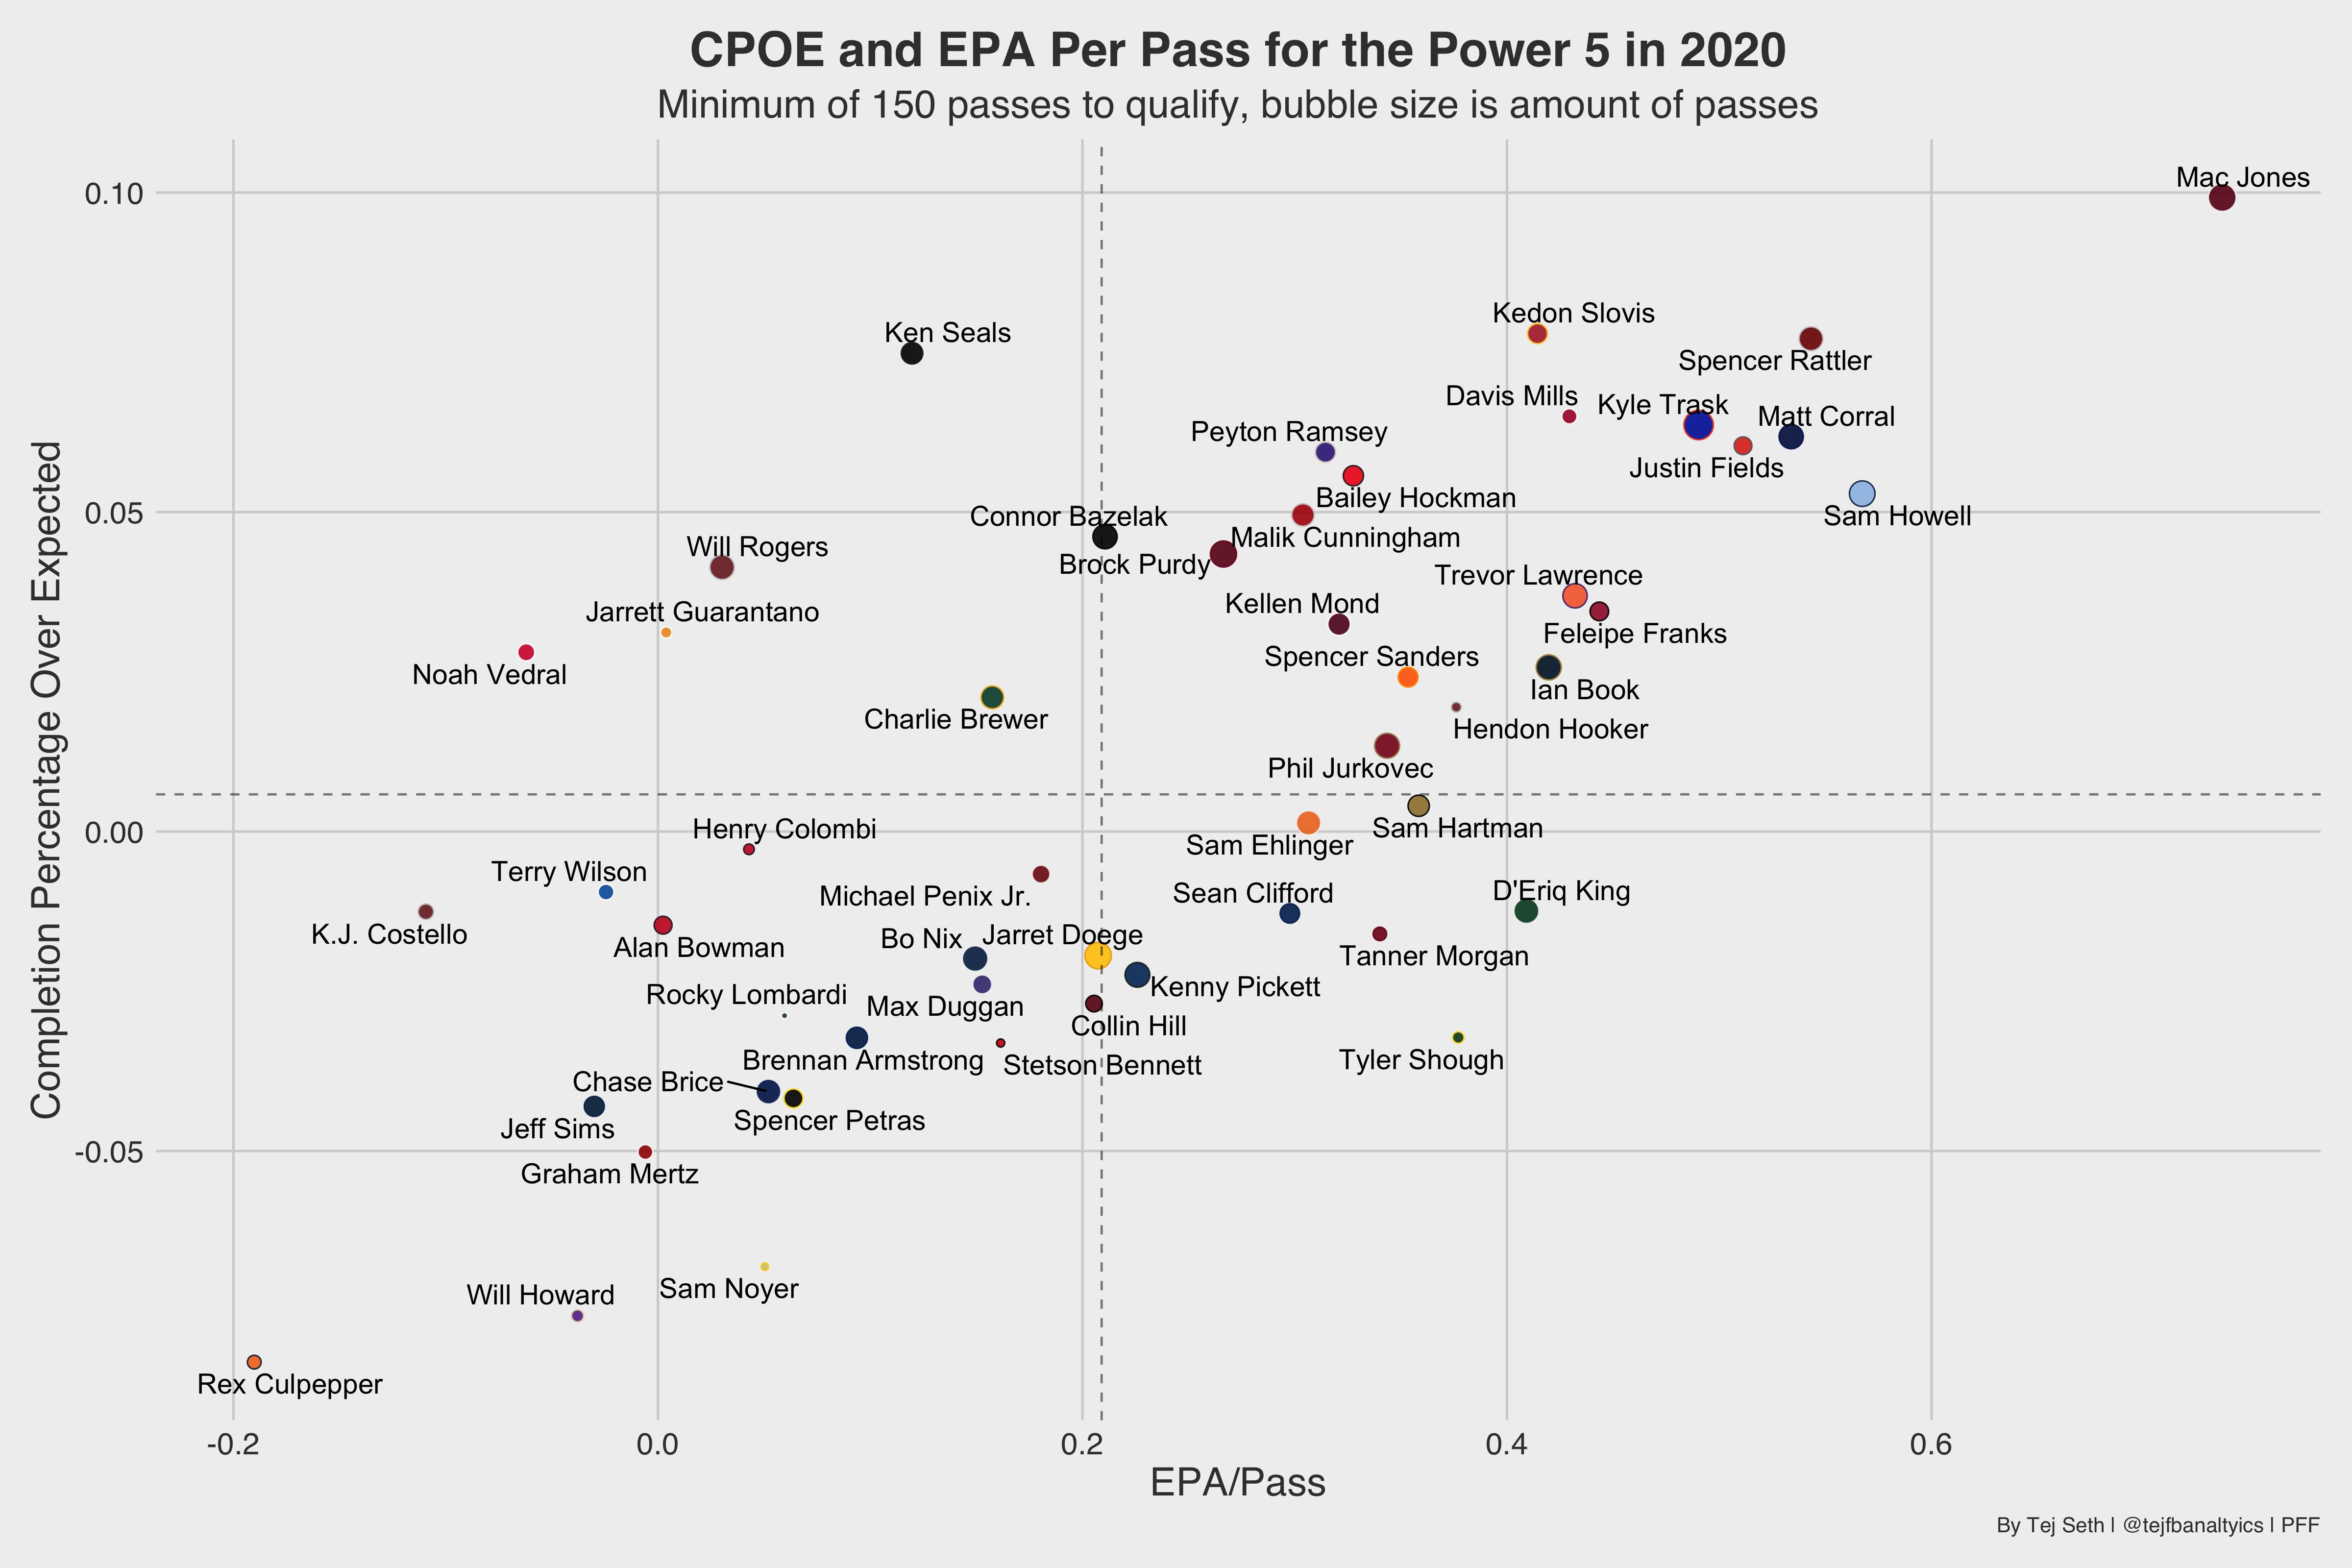 power-5-cpoe-epa.png